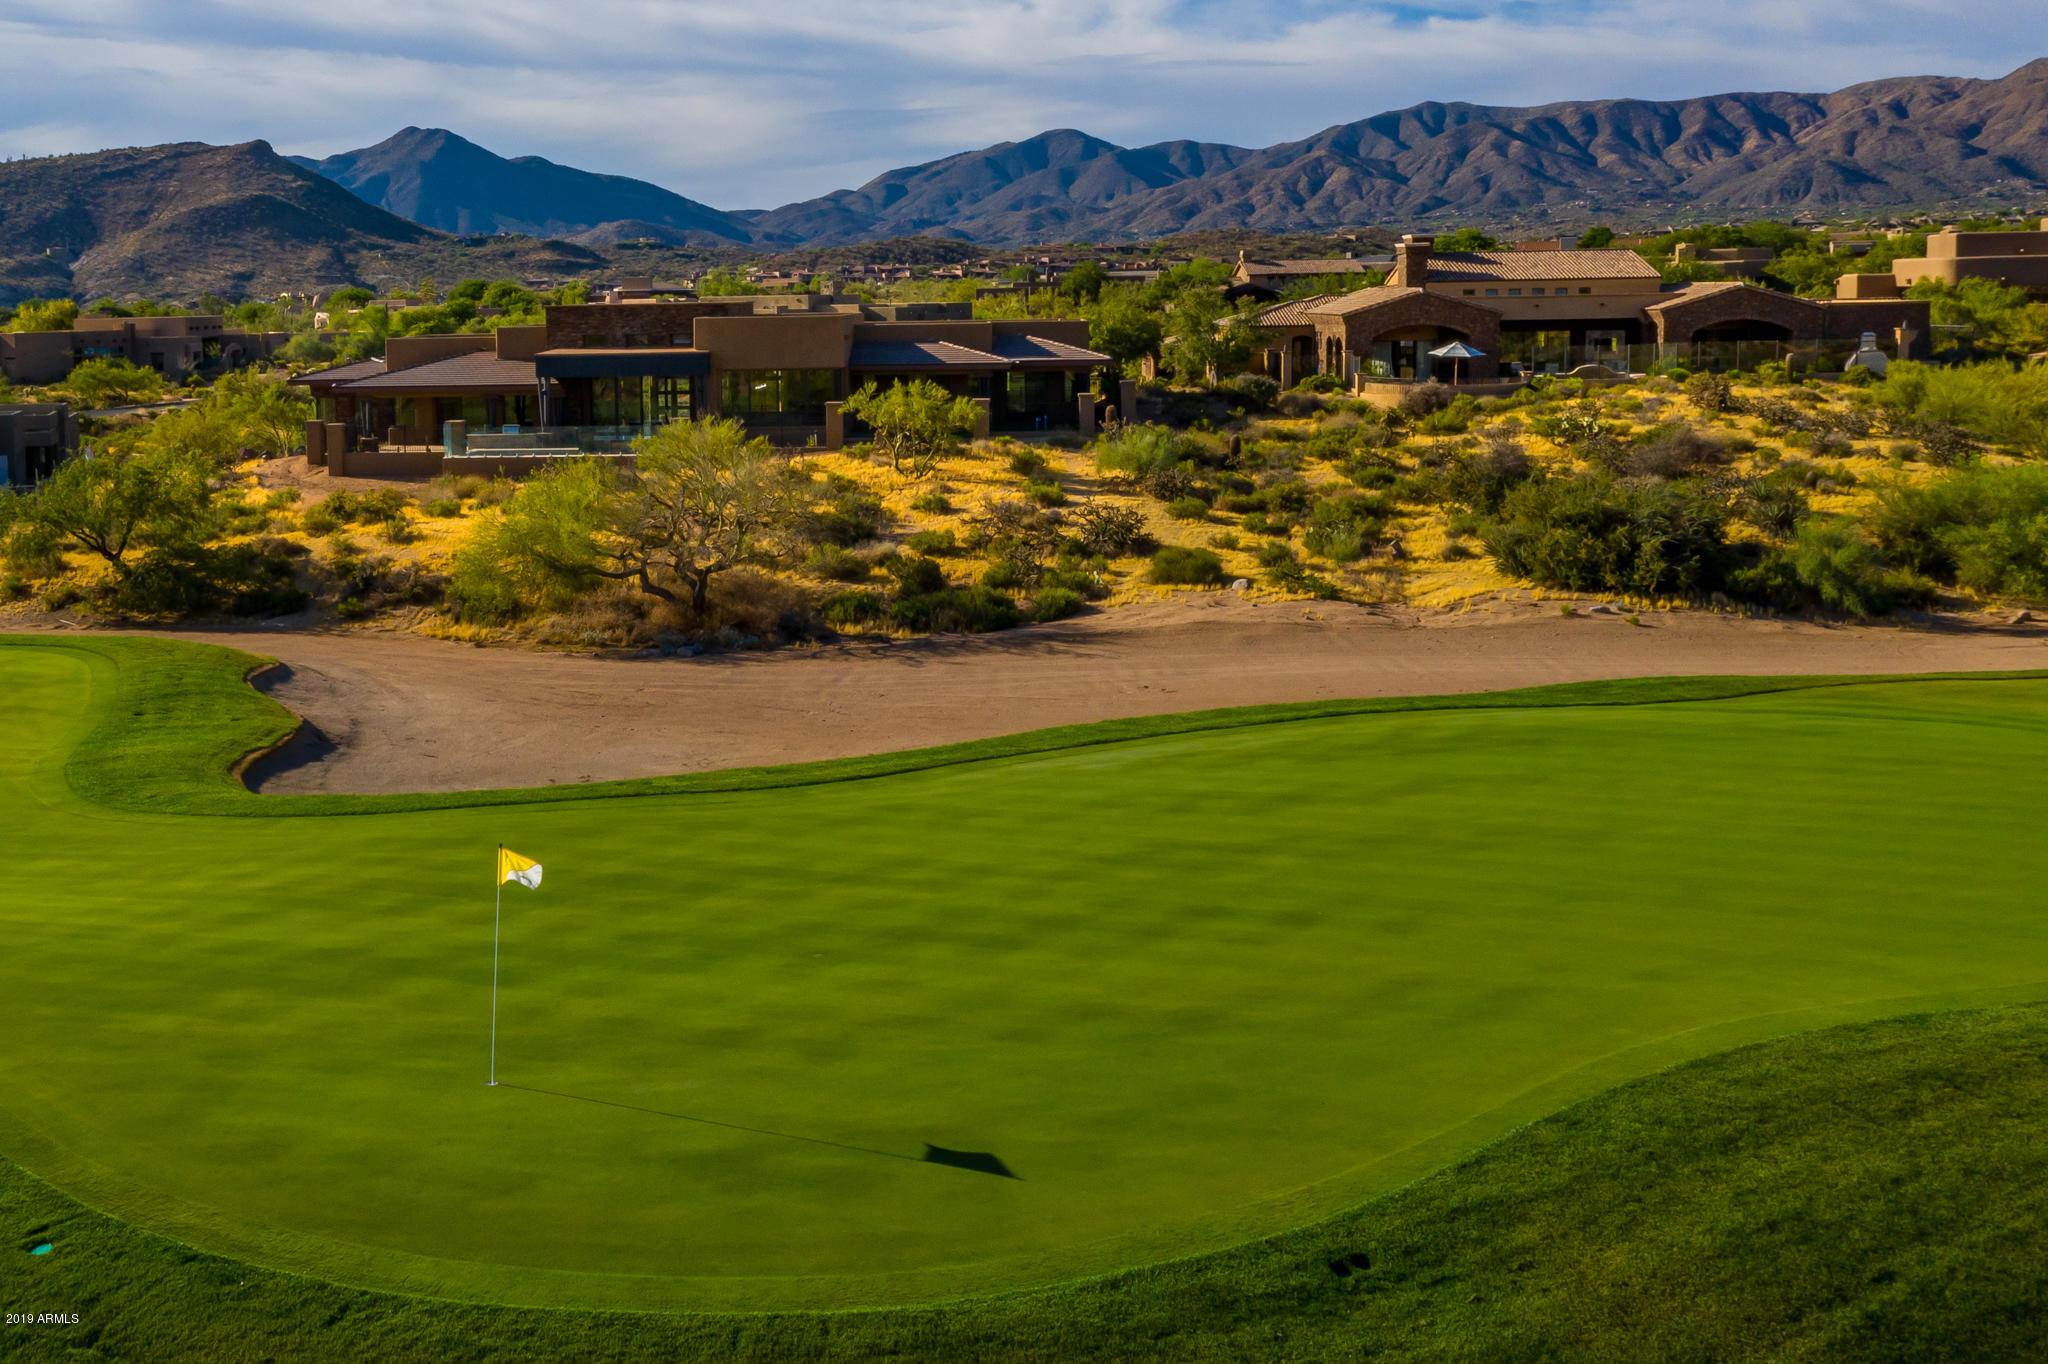 MLS 5943740 9981 E SUNDANCE Trail, Scottsdale, AZ 85262 Scottsdale AZ Private Pool